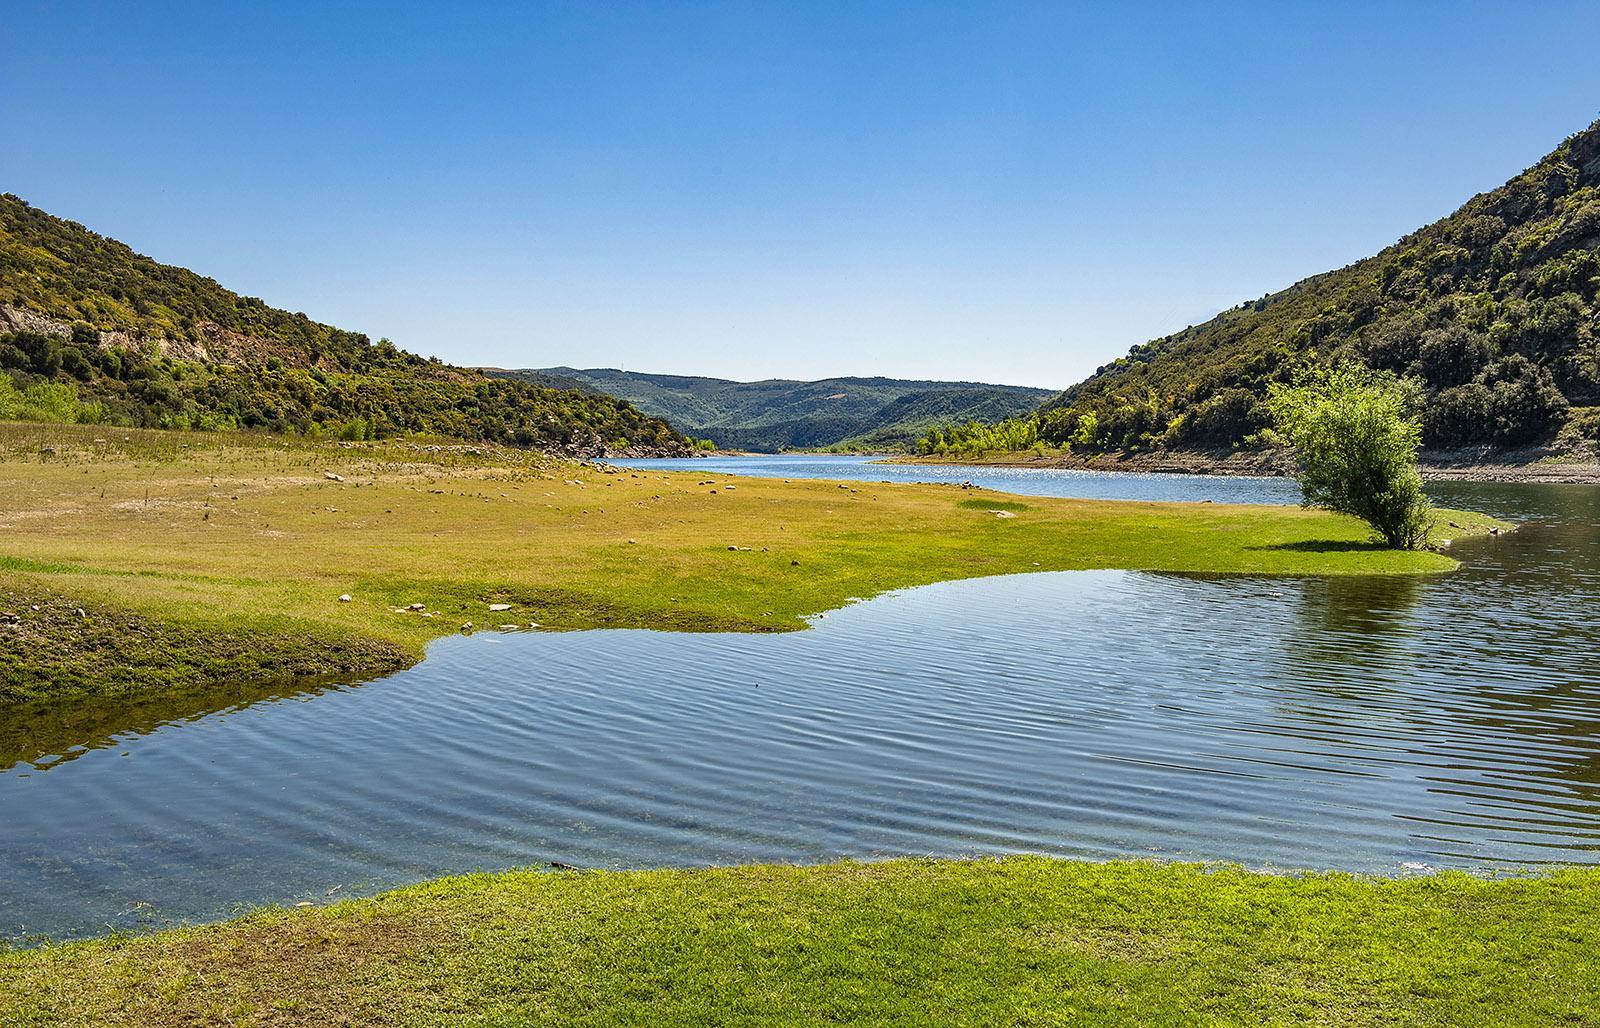 Im Frühjahr tritt der Agly über die Ufer und überschwemmt die Uferwiesen. Foto: Hilke Maunder